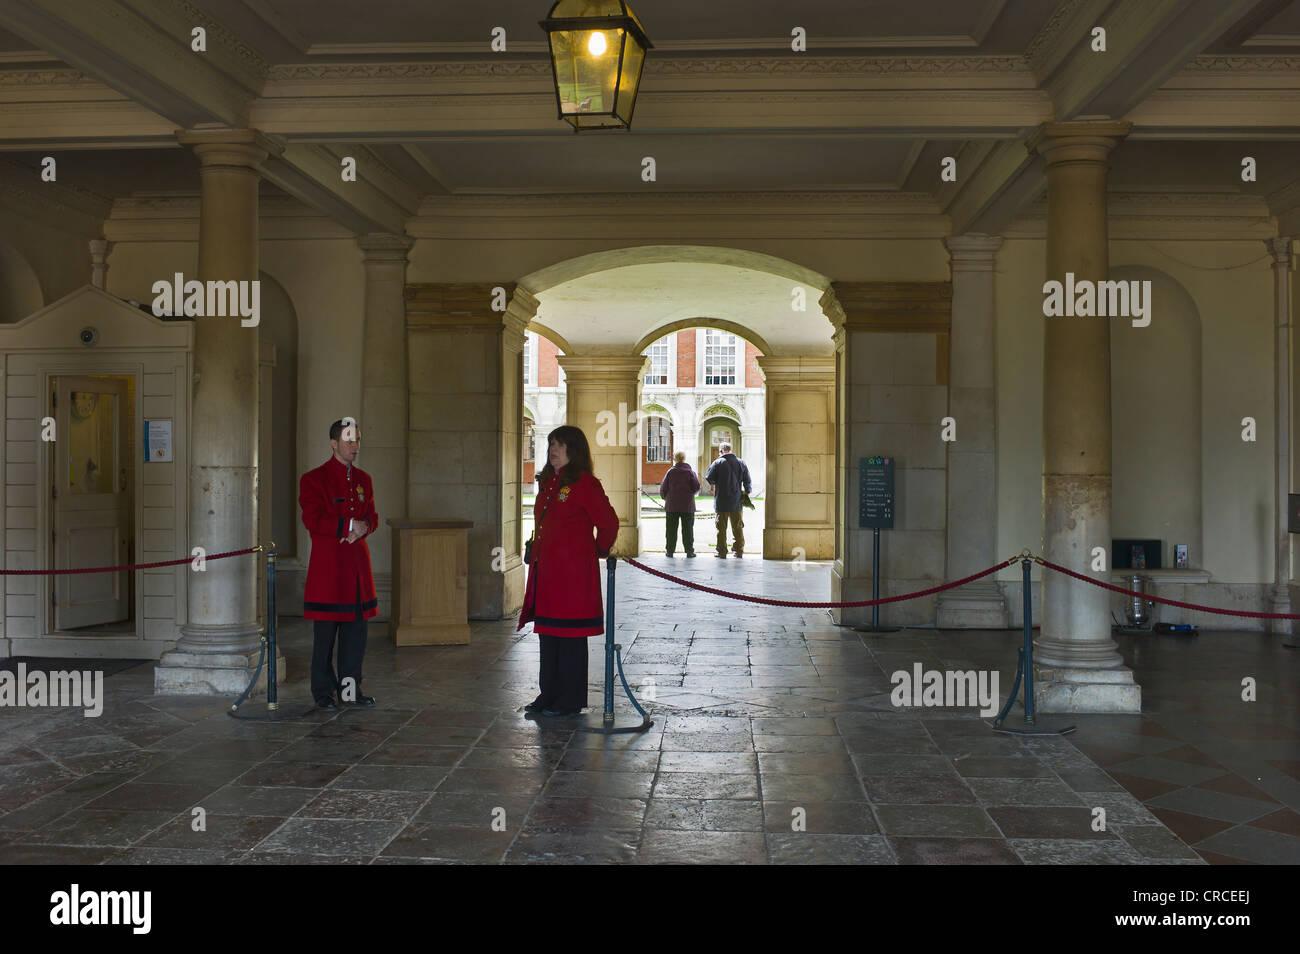 Royal Apartments Hampton Court Palace Stock Photos & Royal ...